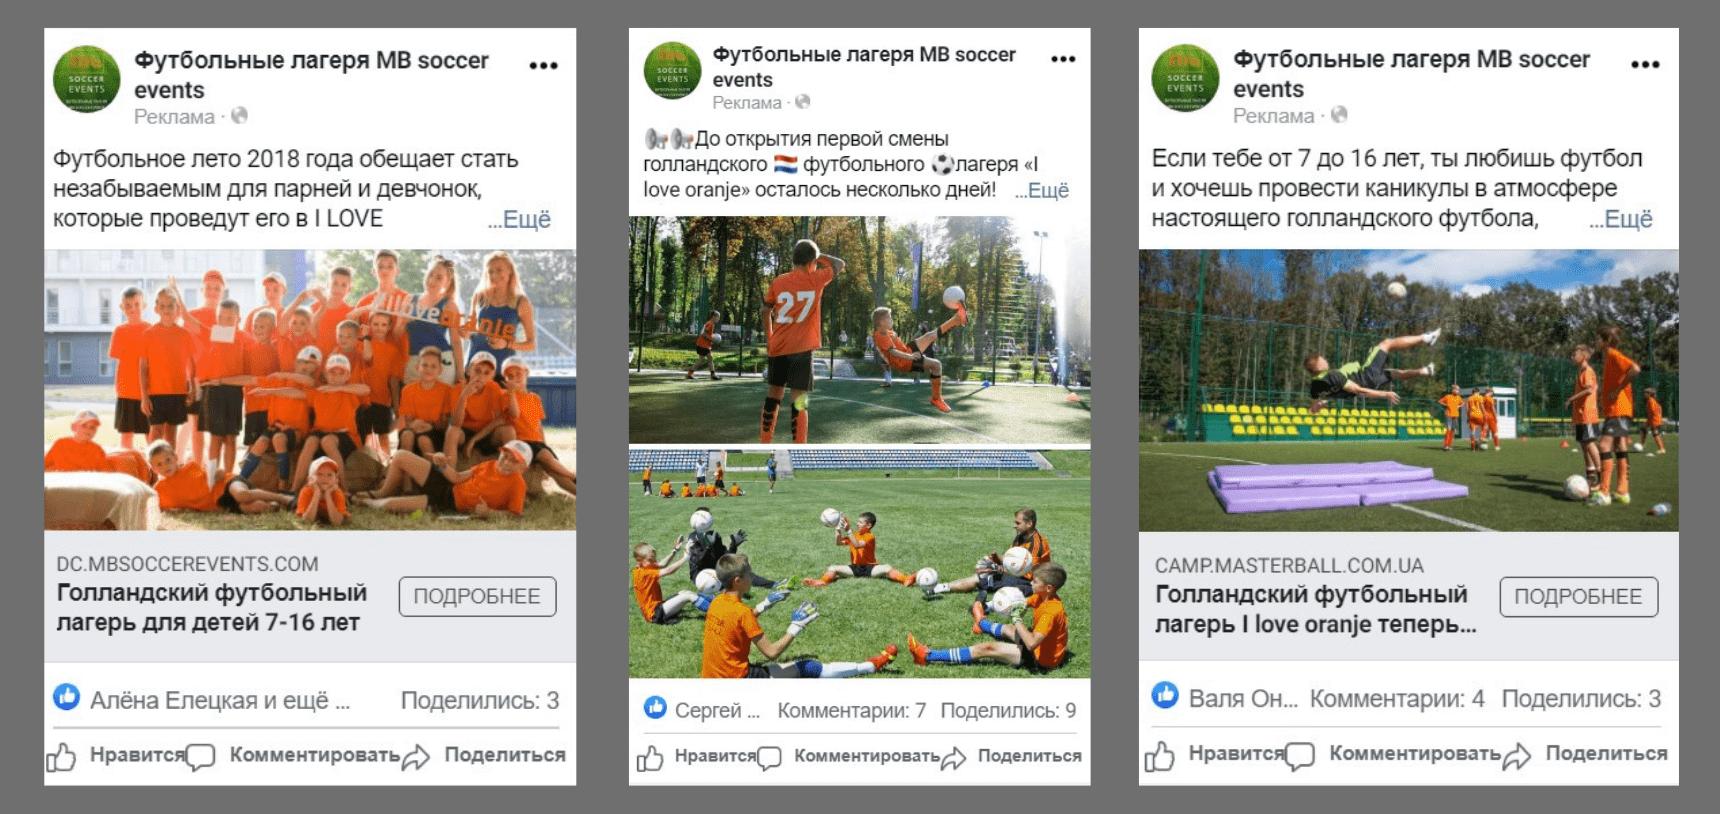 Голландский футбольный лагерь - примеры баннеров